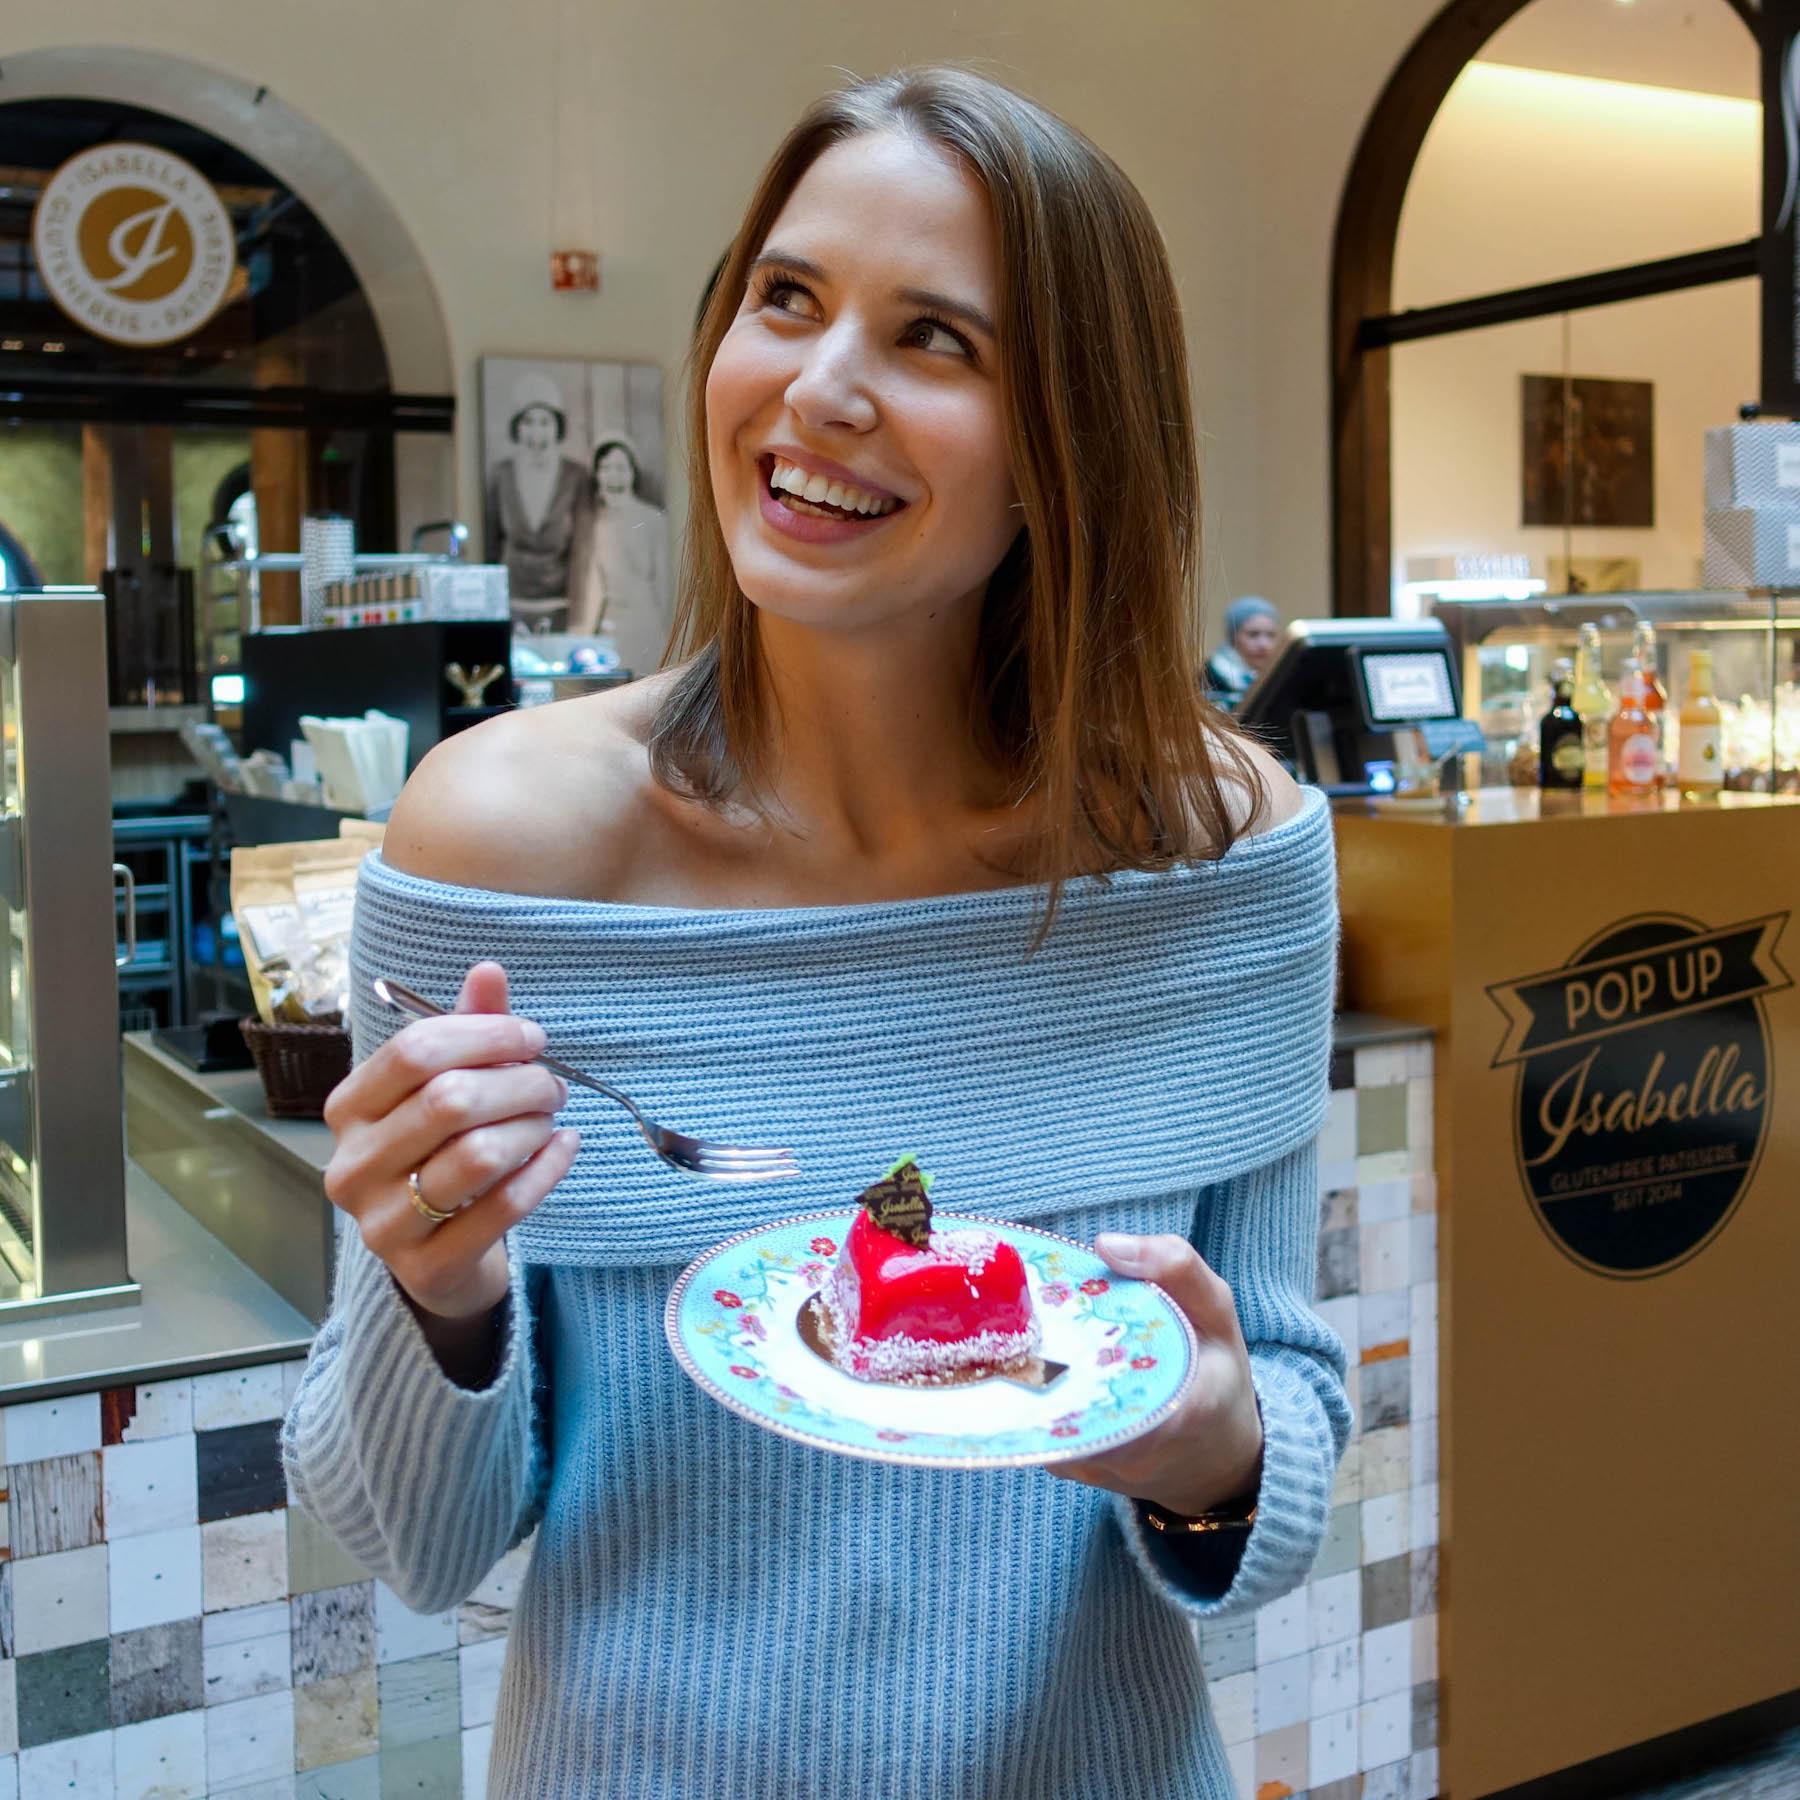 Isabella glutenfreie Patisserie in Hamburg suelovesnyc_susan_fengler_isabella_glutenfreie_patisserie_in_hamburg_glutenfrei_torte